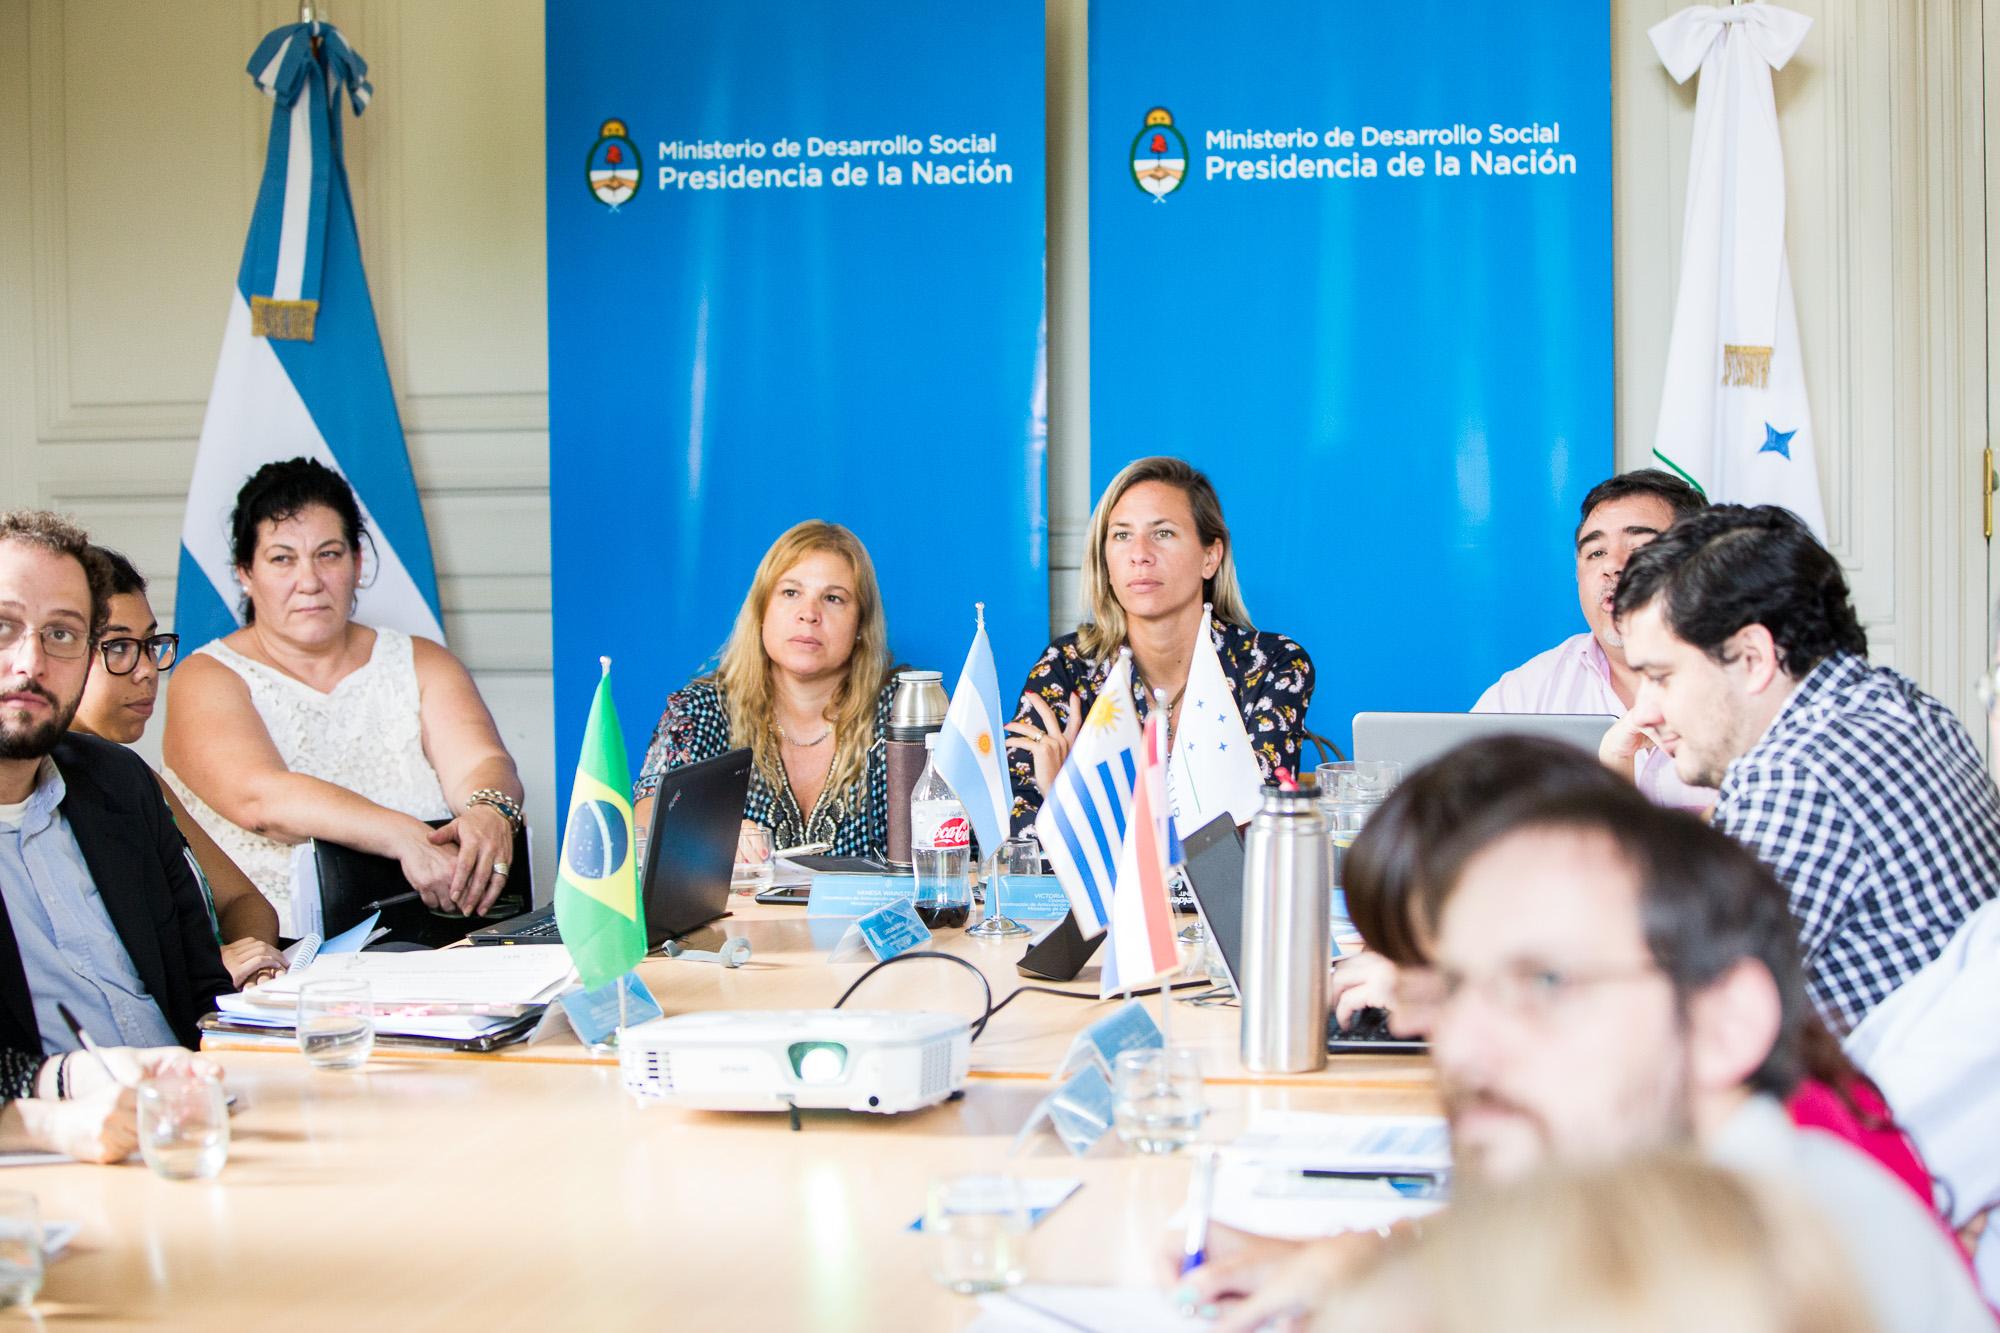 Fotografía ilustrativa de Reunion de Areas Sociales del Mercosur